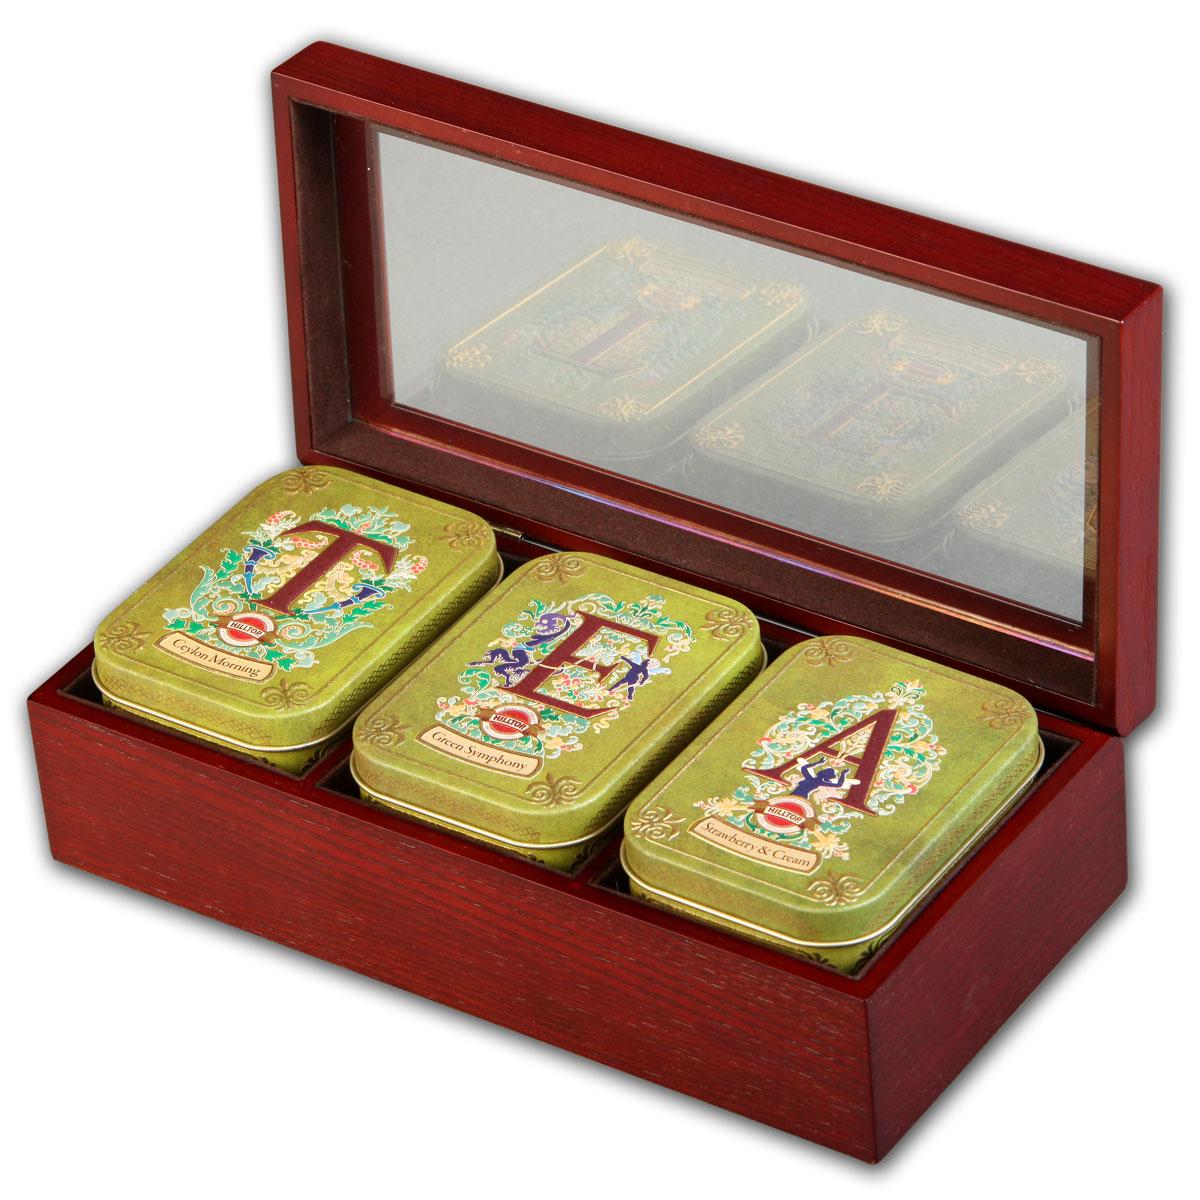 Hilltop Tea набор зеленого и черного листового чая в подарочной шкатулке, 150 г4607099303072Hilltop Tea - все, что нужно для удовольствия от чаепития. Деревянная шкатулка со стеклянной крышкой скрывает в себе три жестяные чайницы с великолепными вкусами! Отличный подарок для истинных ценителей чая. Цейлонское утро — классический цейлонский черный чай с терпким вкусом, мягким ароматом и тонизирующими свойствами. Отлично дополняет завтрак или праздничный сладкий стол. Зеленая симфония — китайский зеленый чай с добавлением лепестков календулы и мальвы и с ароматом тропического манго. Земляника со сливками — крупнолистовой черный чай с листьями и плодами земляники, и со вкусом свежих сливок. Классика ароматизированных чаев. Попробуйте охлажденным, с добавлением кусочков льда!